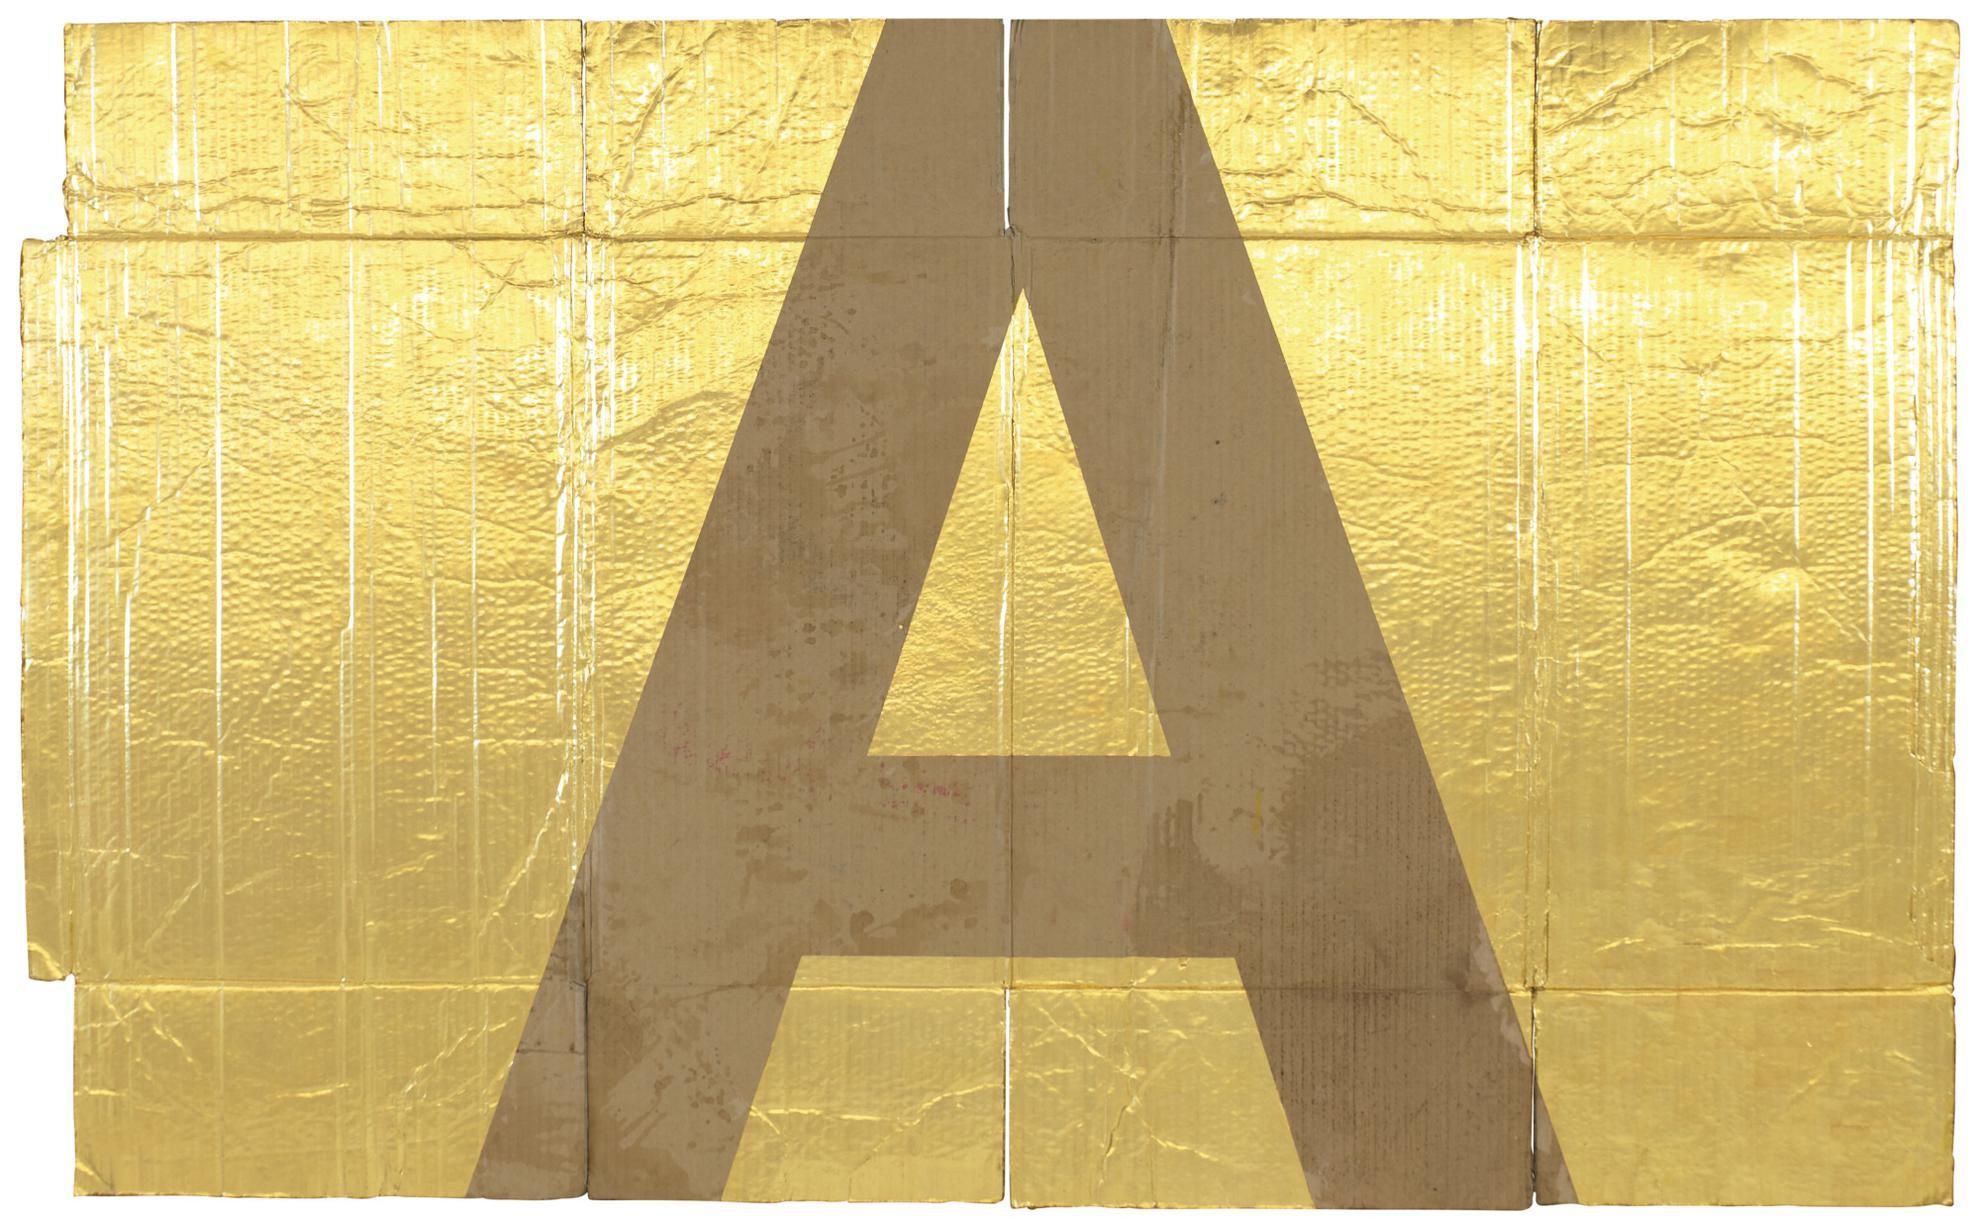 Danh Vo-Alphabet (A)-2011